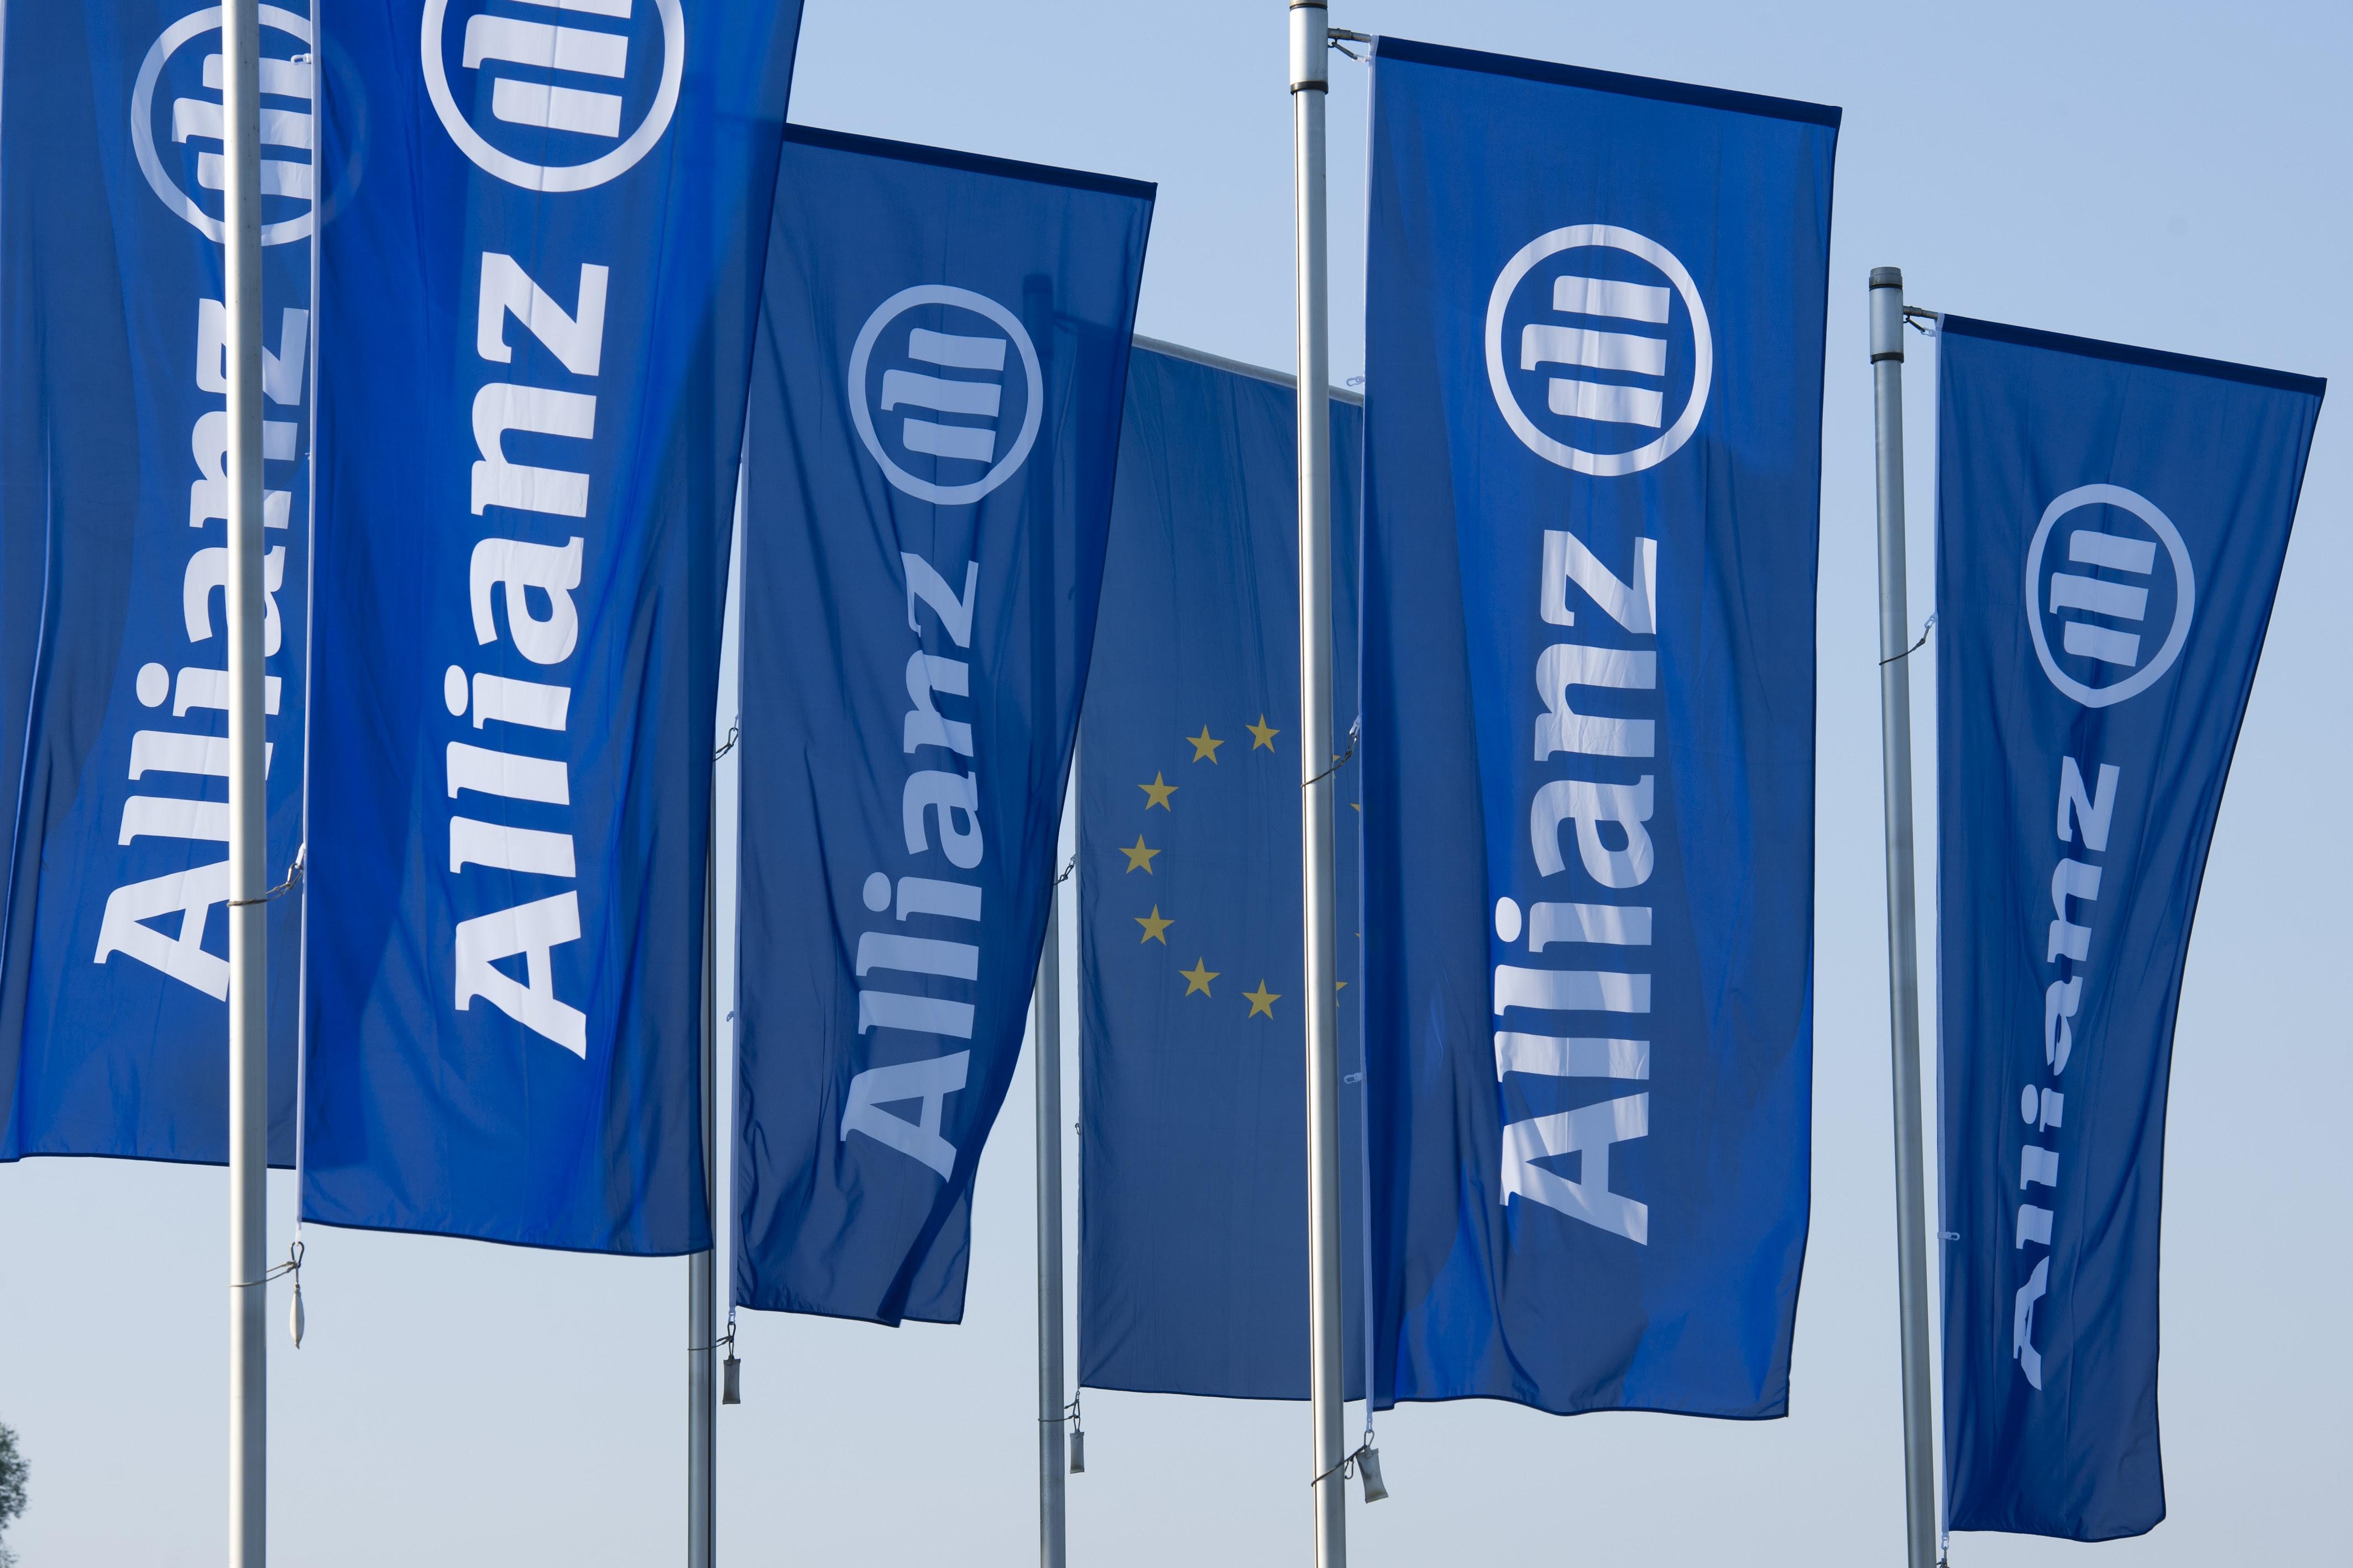 Allianz: Η Ελλάδα έχει το υψηλότερο ποσοστό θανάτων από τροχαία στην ΕΕ